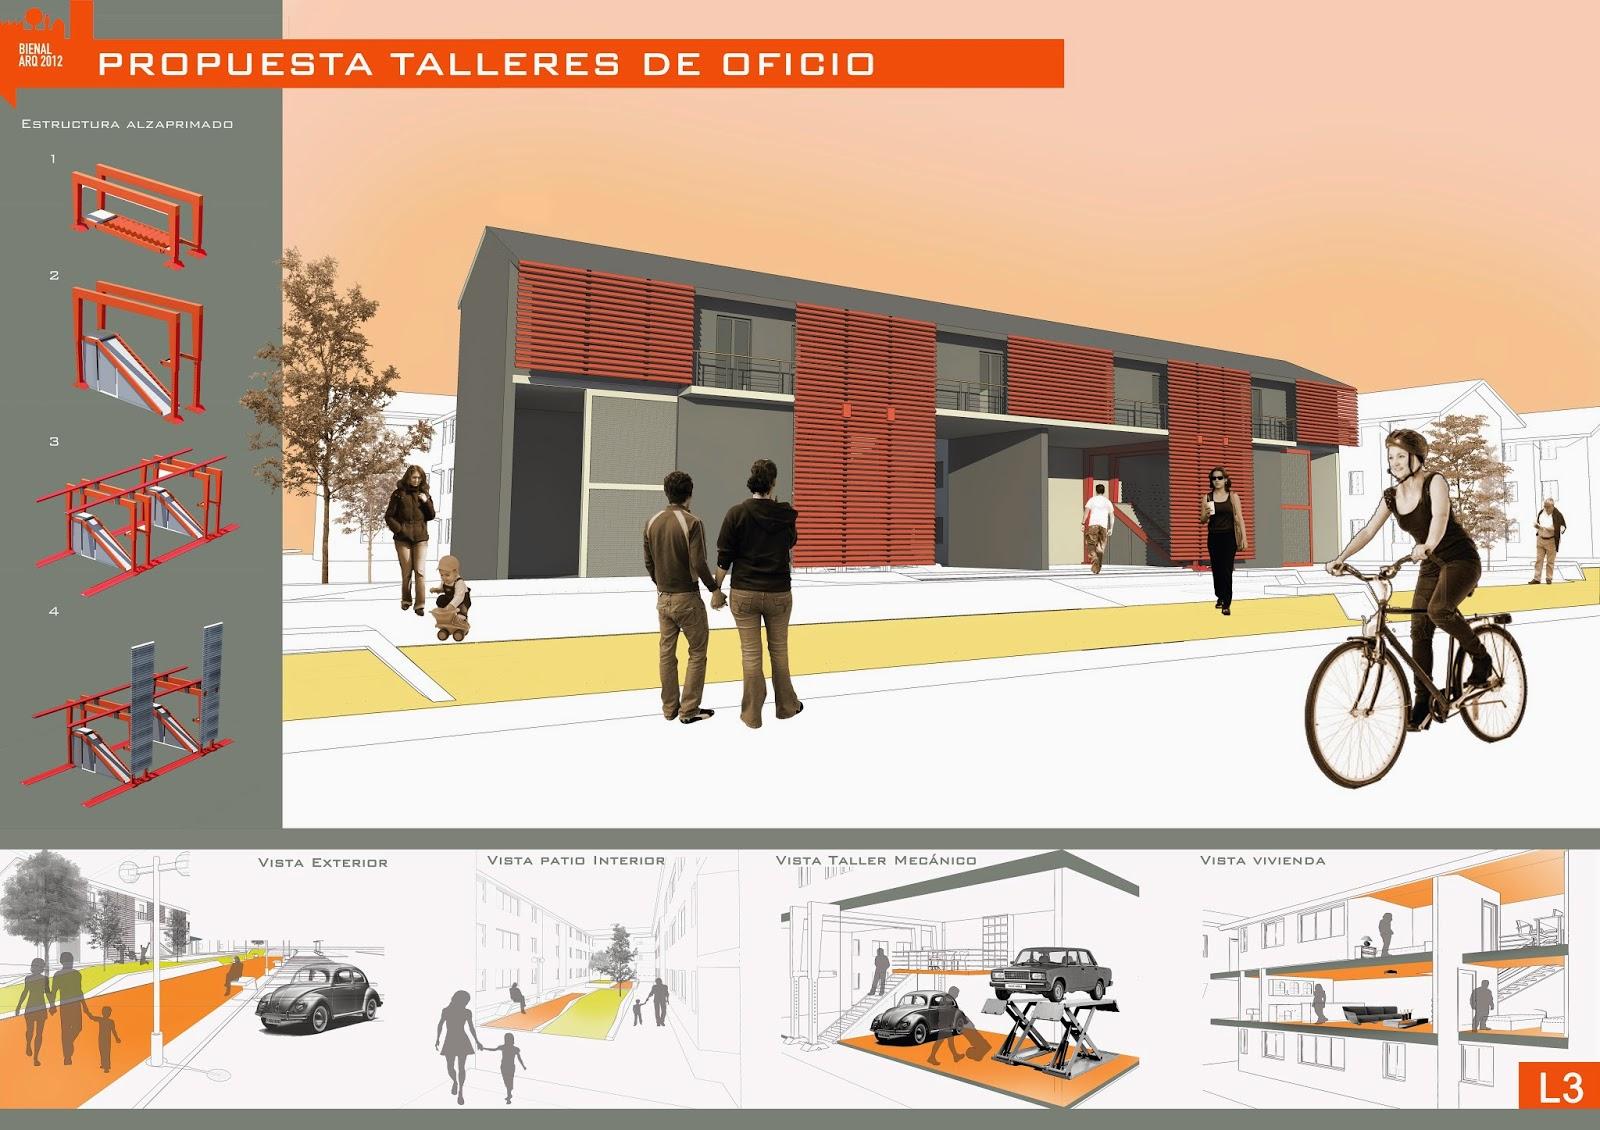 Barrio sustentable taller 2012 segundo semestre bajos for Arquitectura sustentable pdf